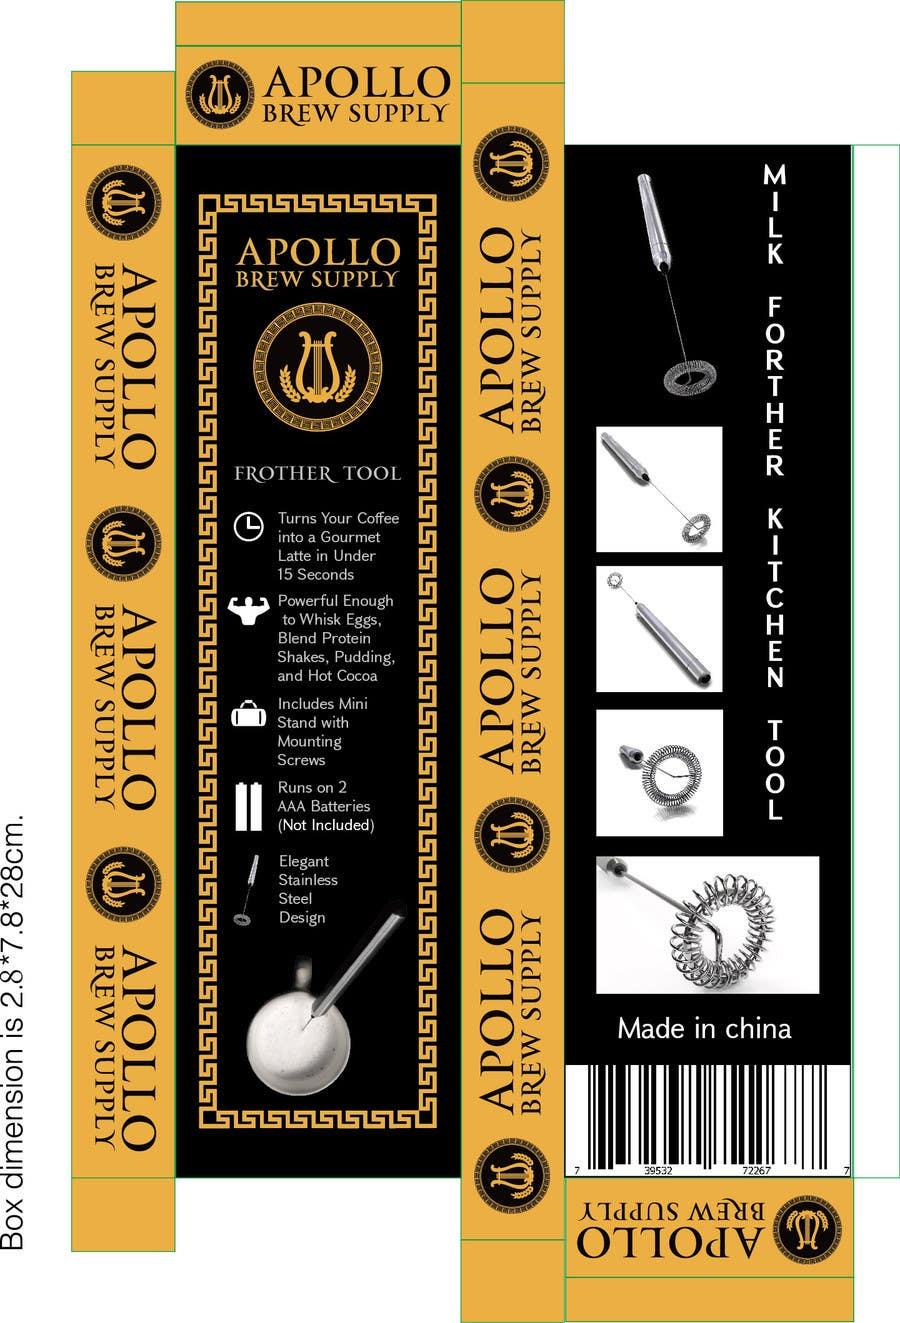 Inscrição nº                                         6                                      do Concurso para                                         Create Print and Packaging Designs for Milk Frother Tool